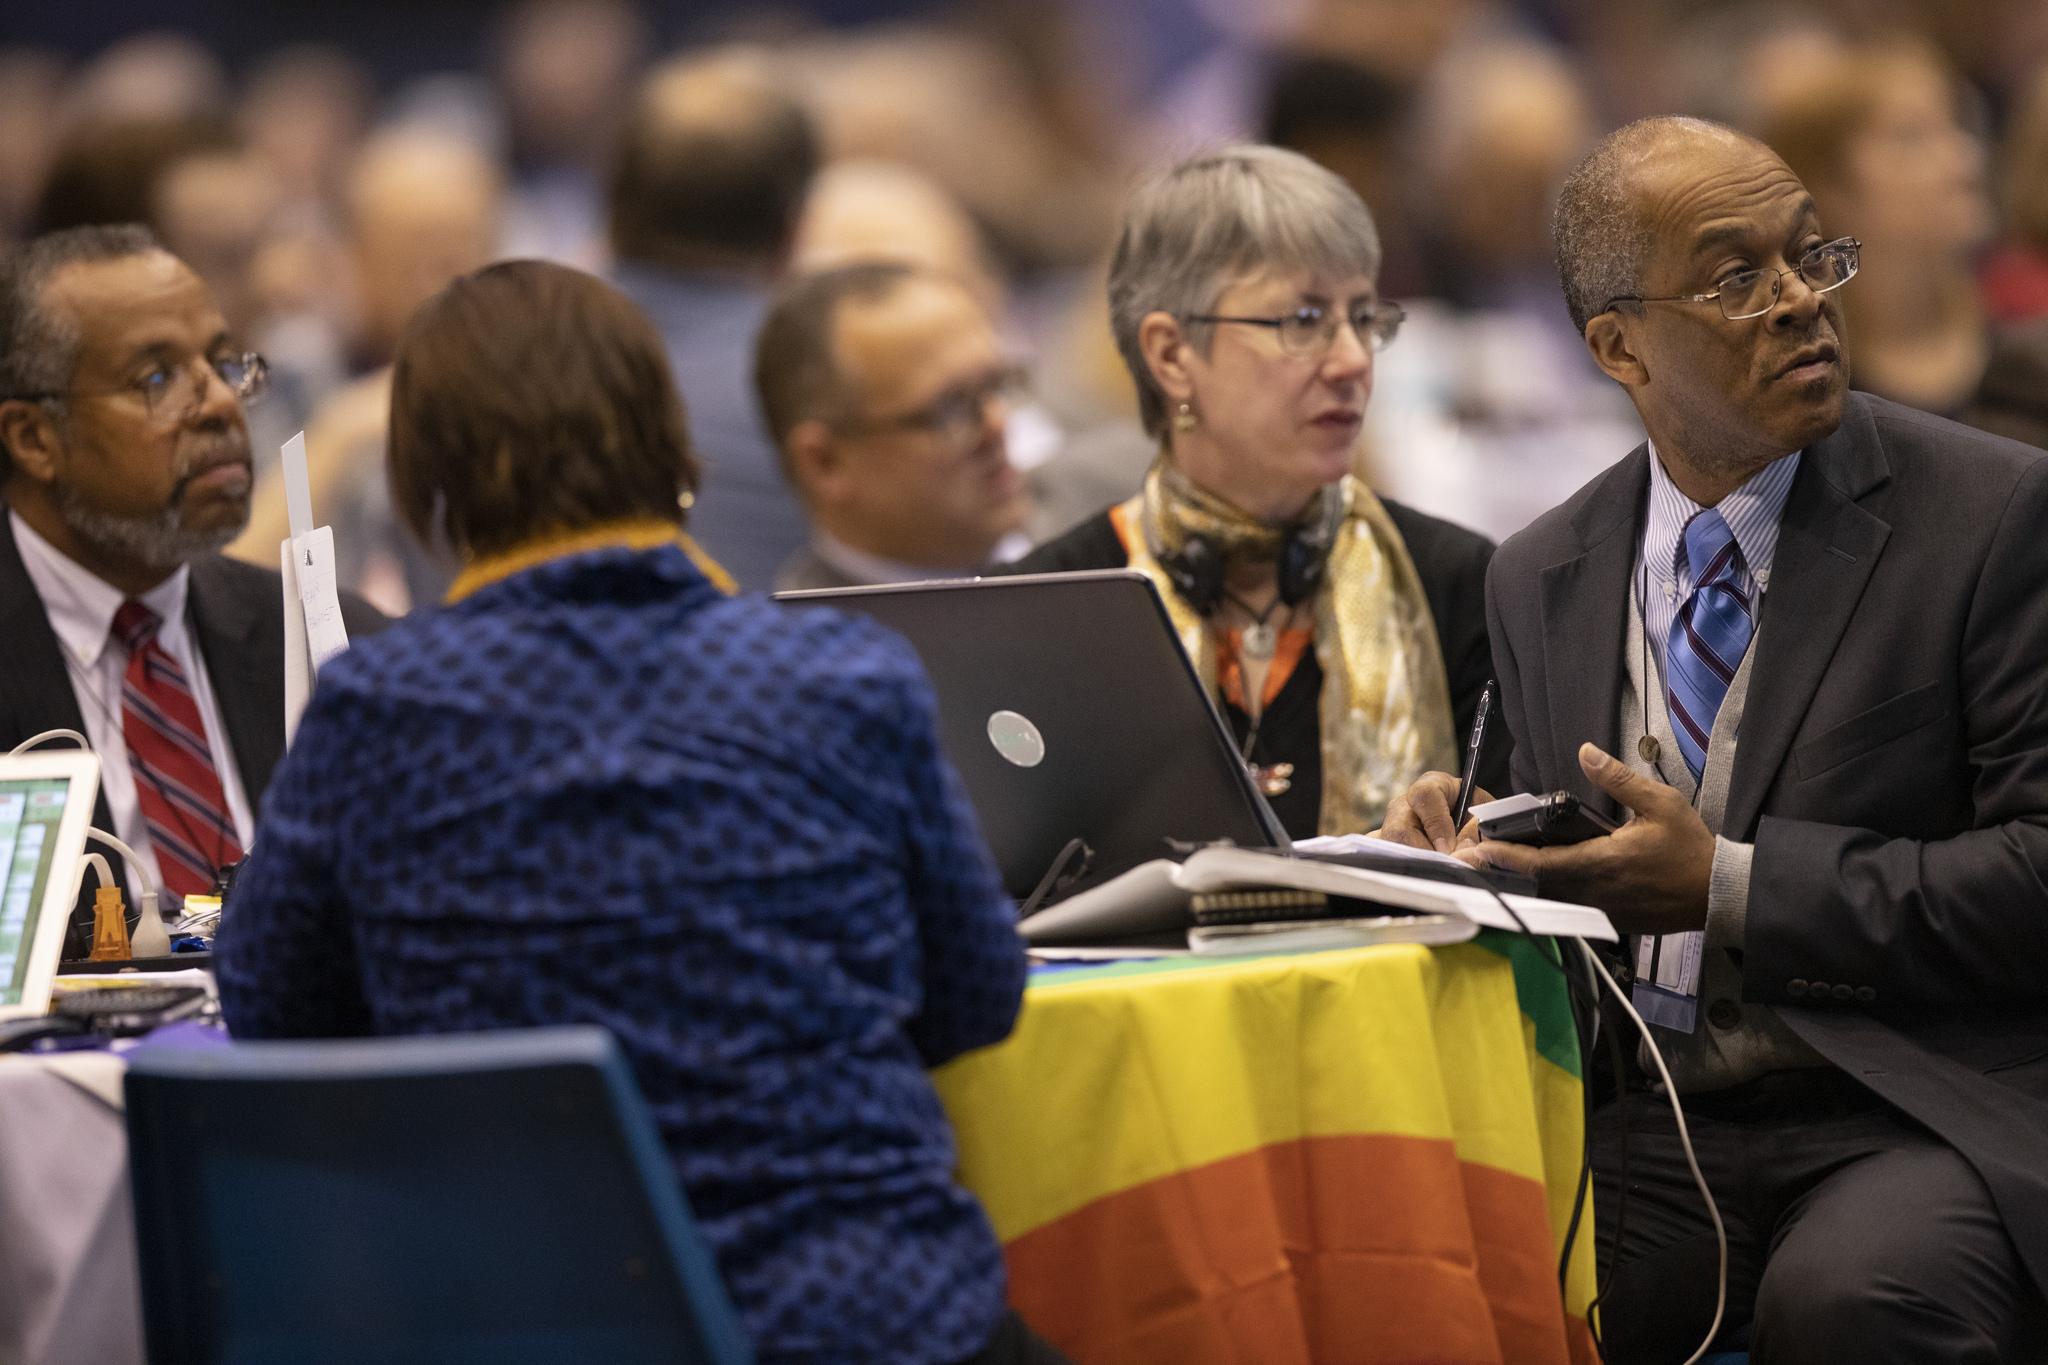 Les délégués écoutent et se préparent à voter ce 25 Février lors de la Conférence Générale   2019 de l'Eglise Méthodiste Unie à l'intérieur du Dôme, de l'America's Center à St. Louis.   Photo de Kathleen Barry, UMNS.